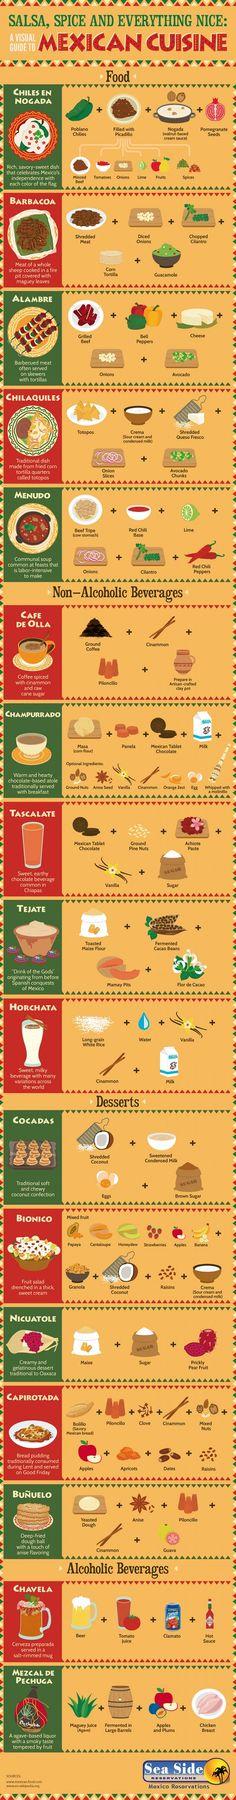 Este lista tiene muchas comidas de Mexico. Es bueno que personas miren a cosas como este lista para aprenden comidas differentes de otros paises. La lista me muestra mucho tipos de comida de almuerzo y cine.